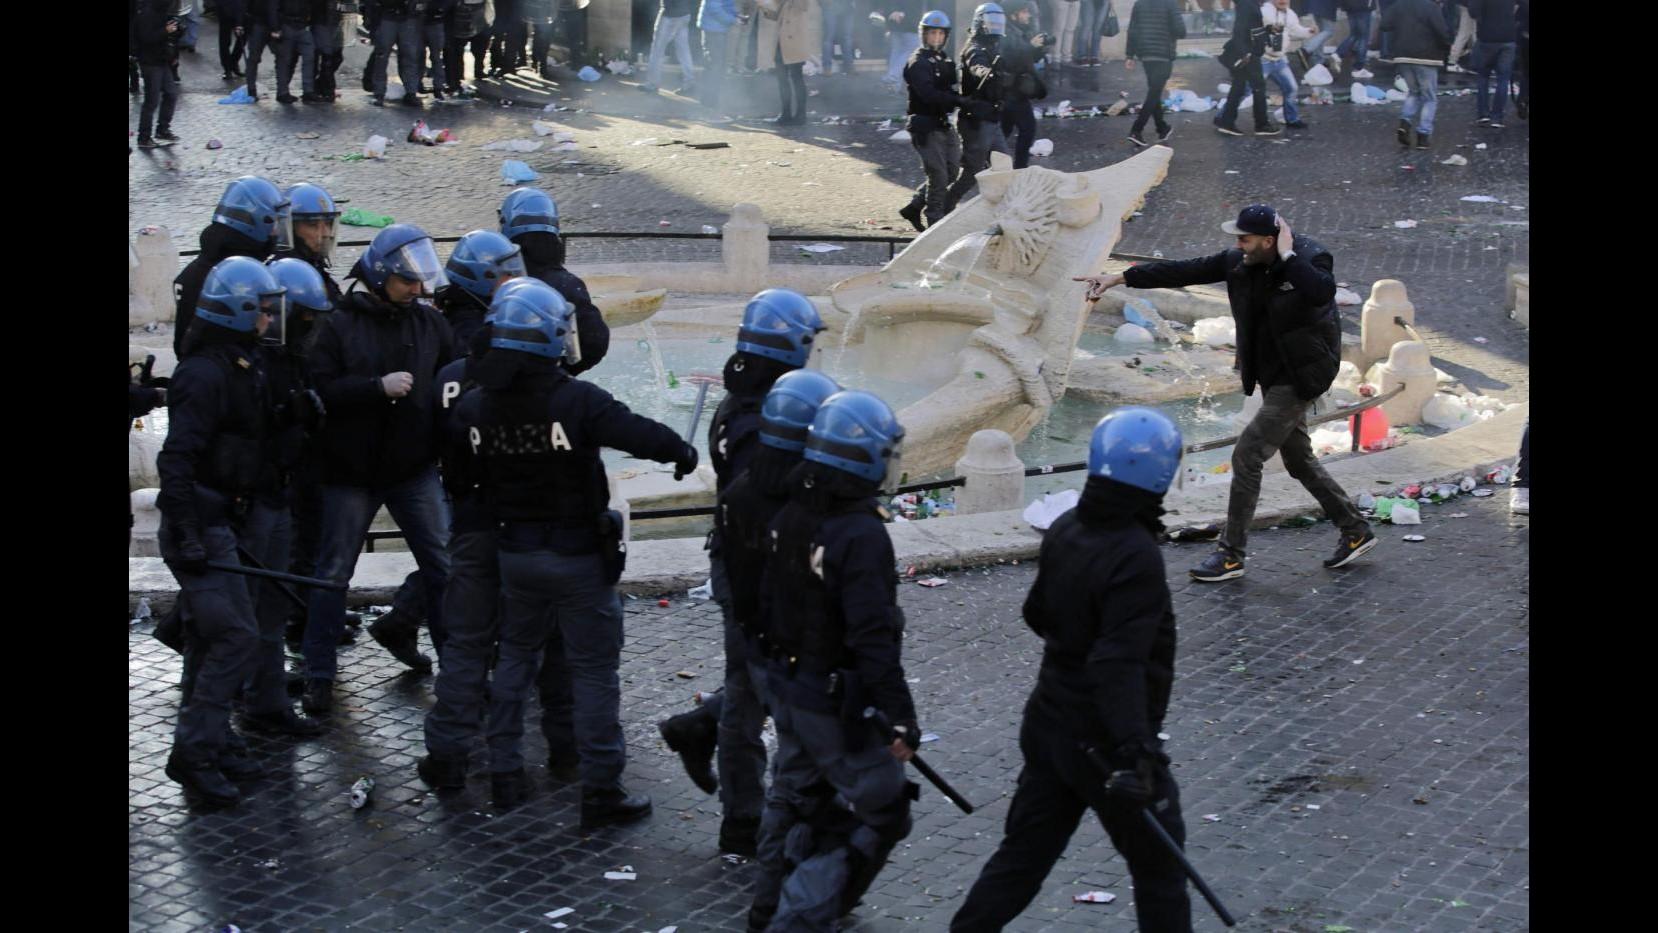 Roma, al via processo a ultrà del Feyenoord per i danni a piazza di Spagna